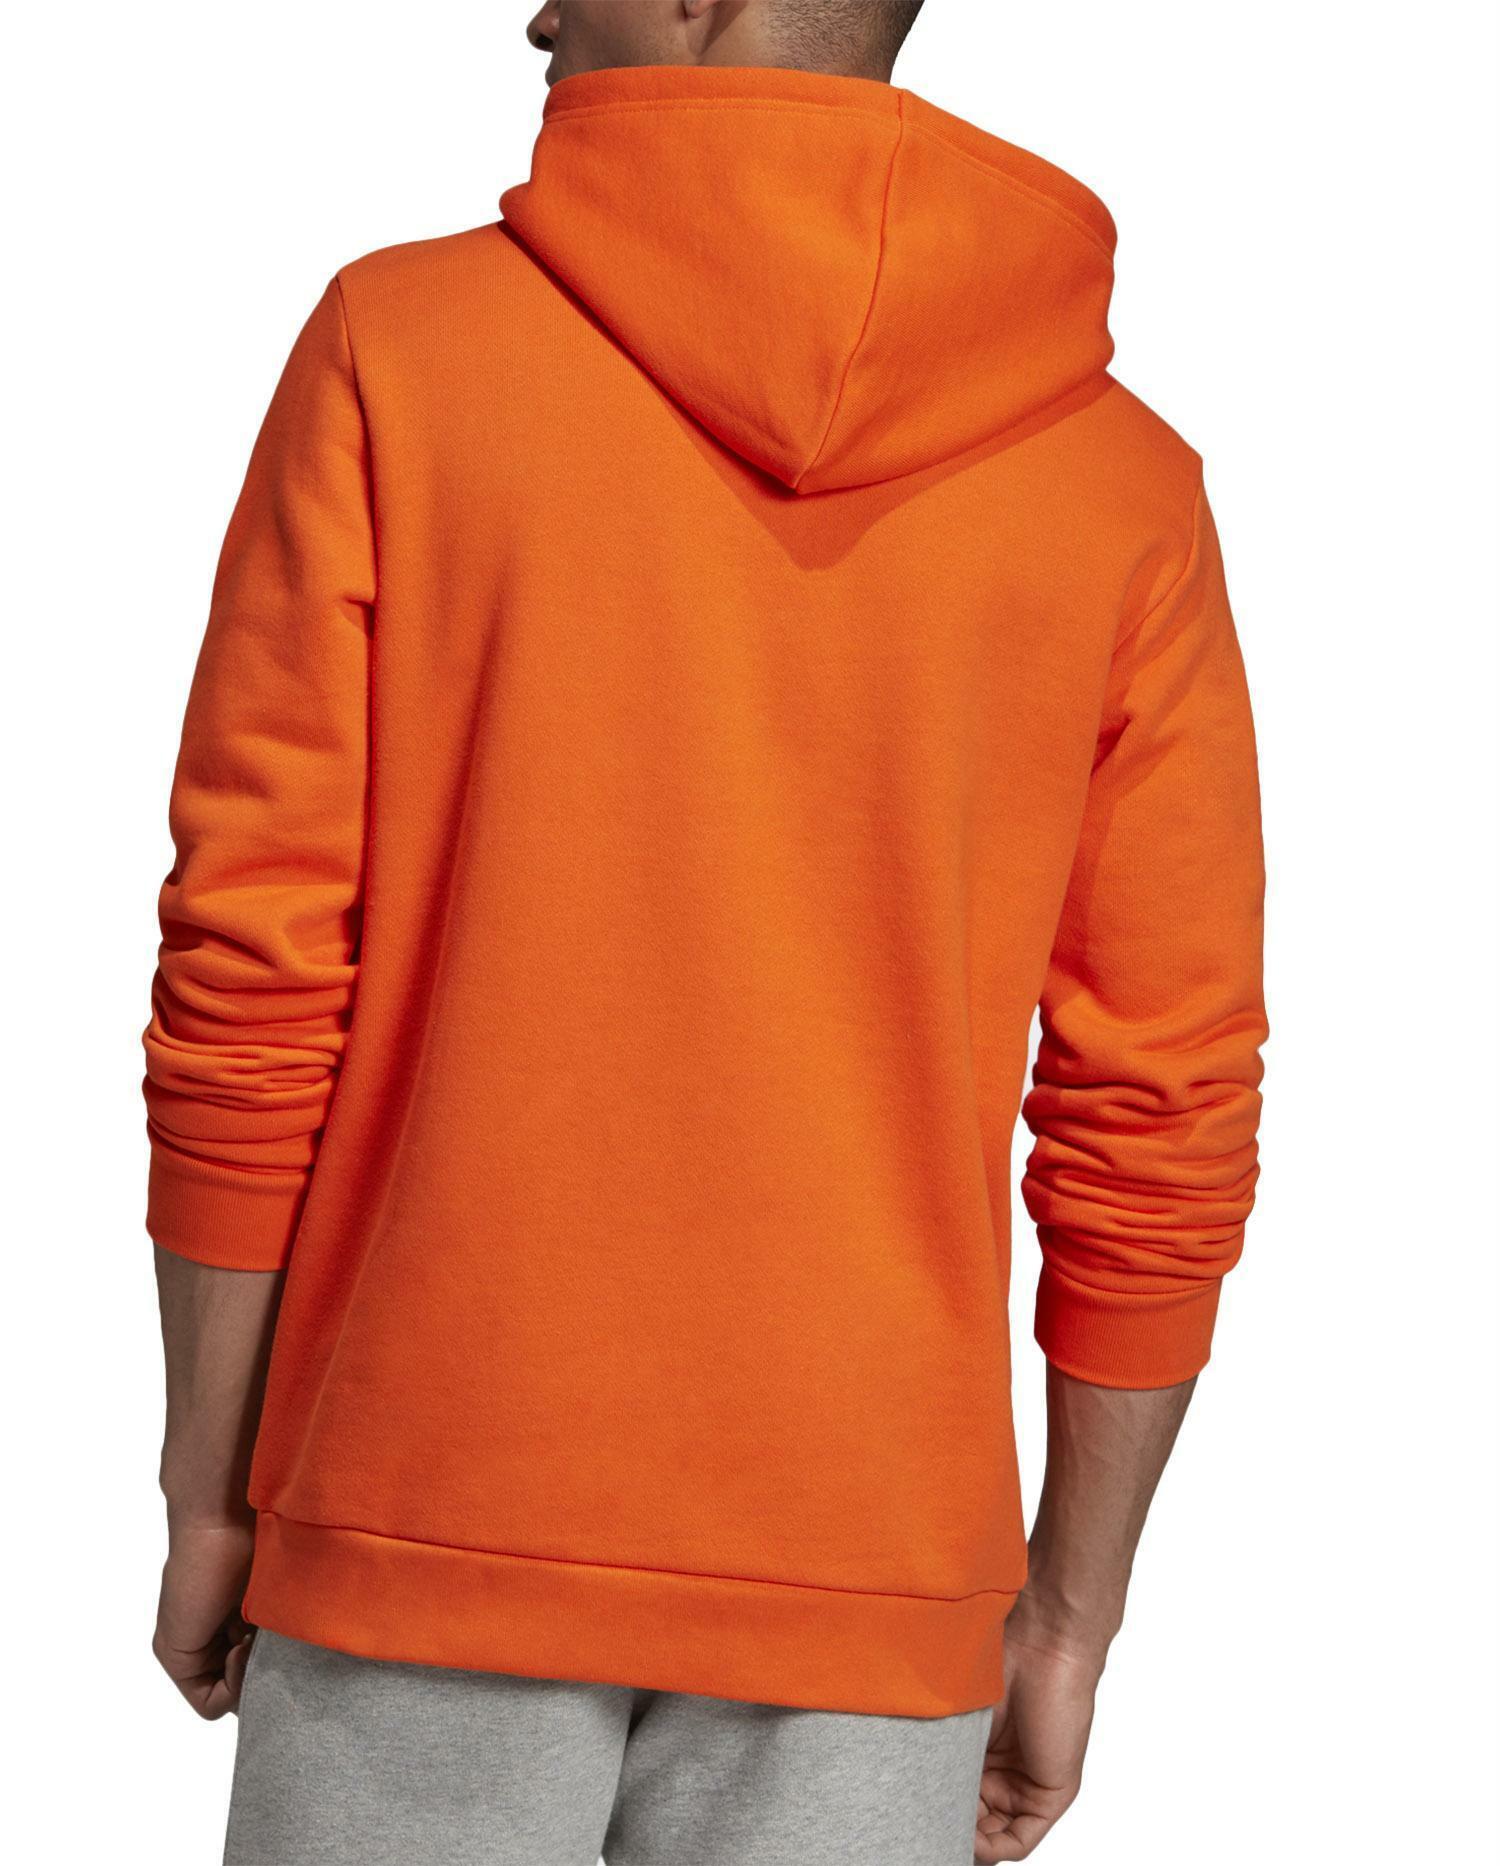 felpa arancione adidas